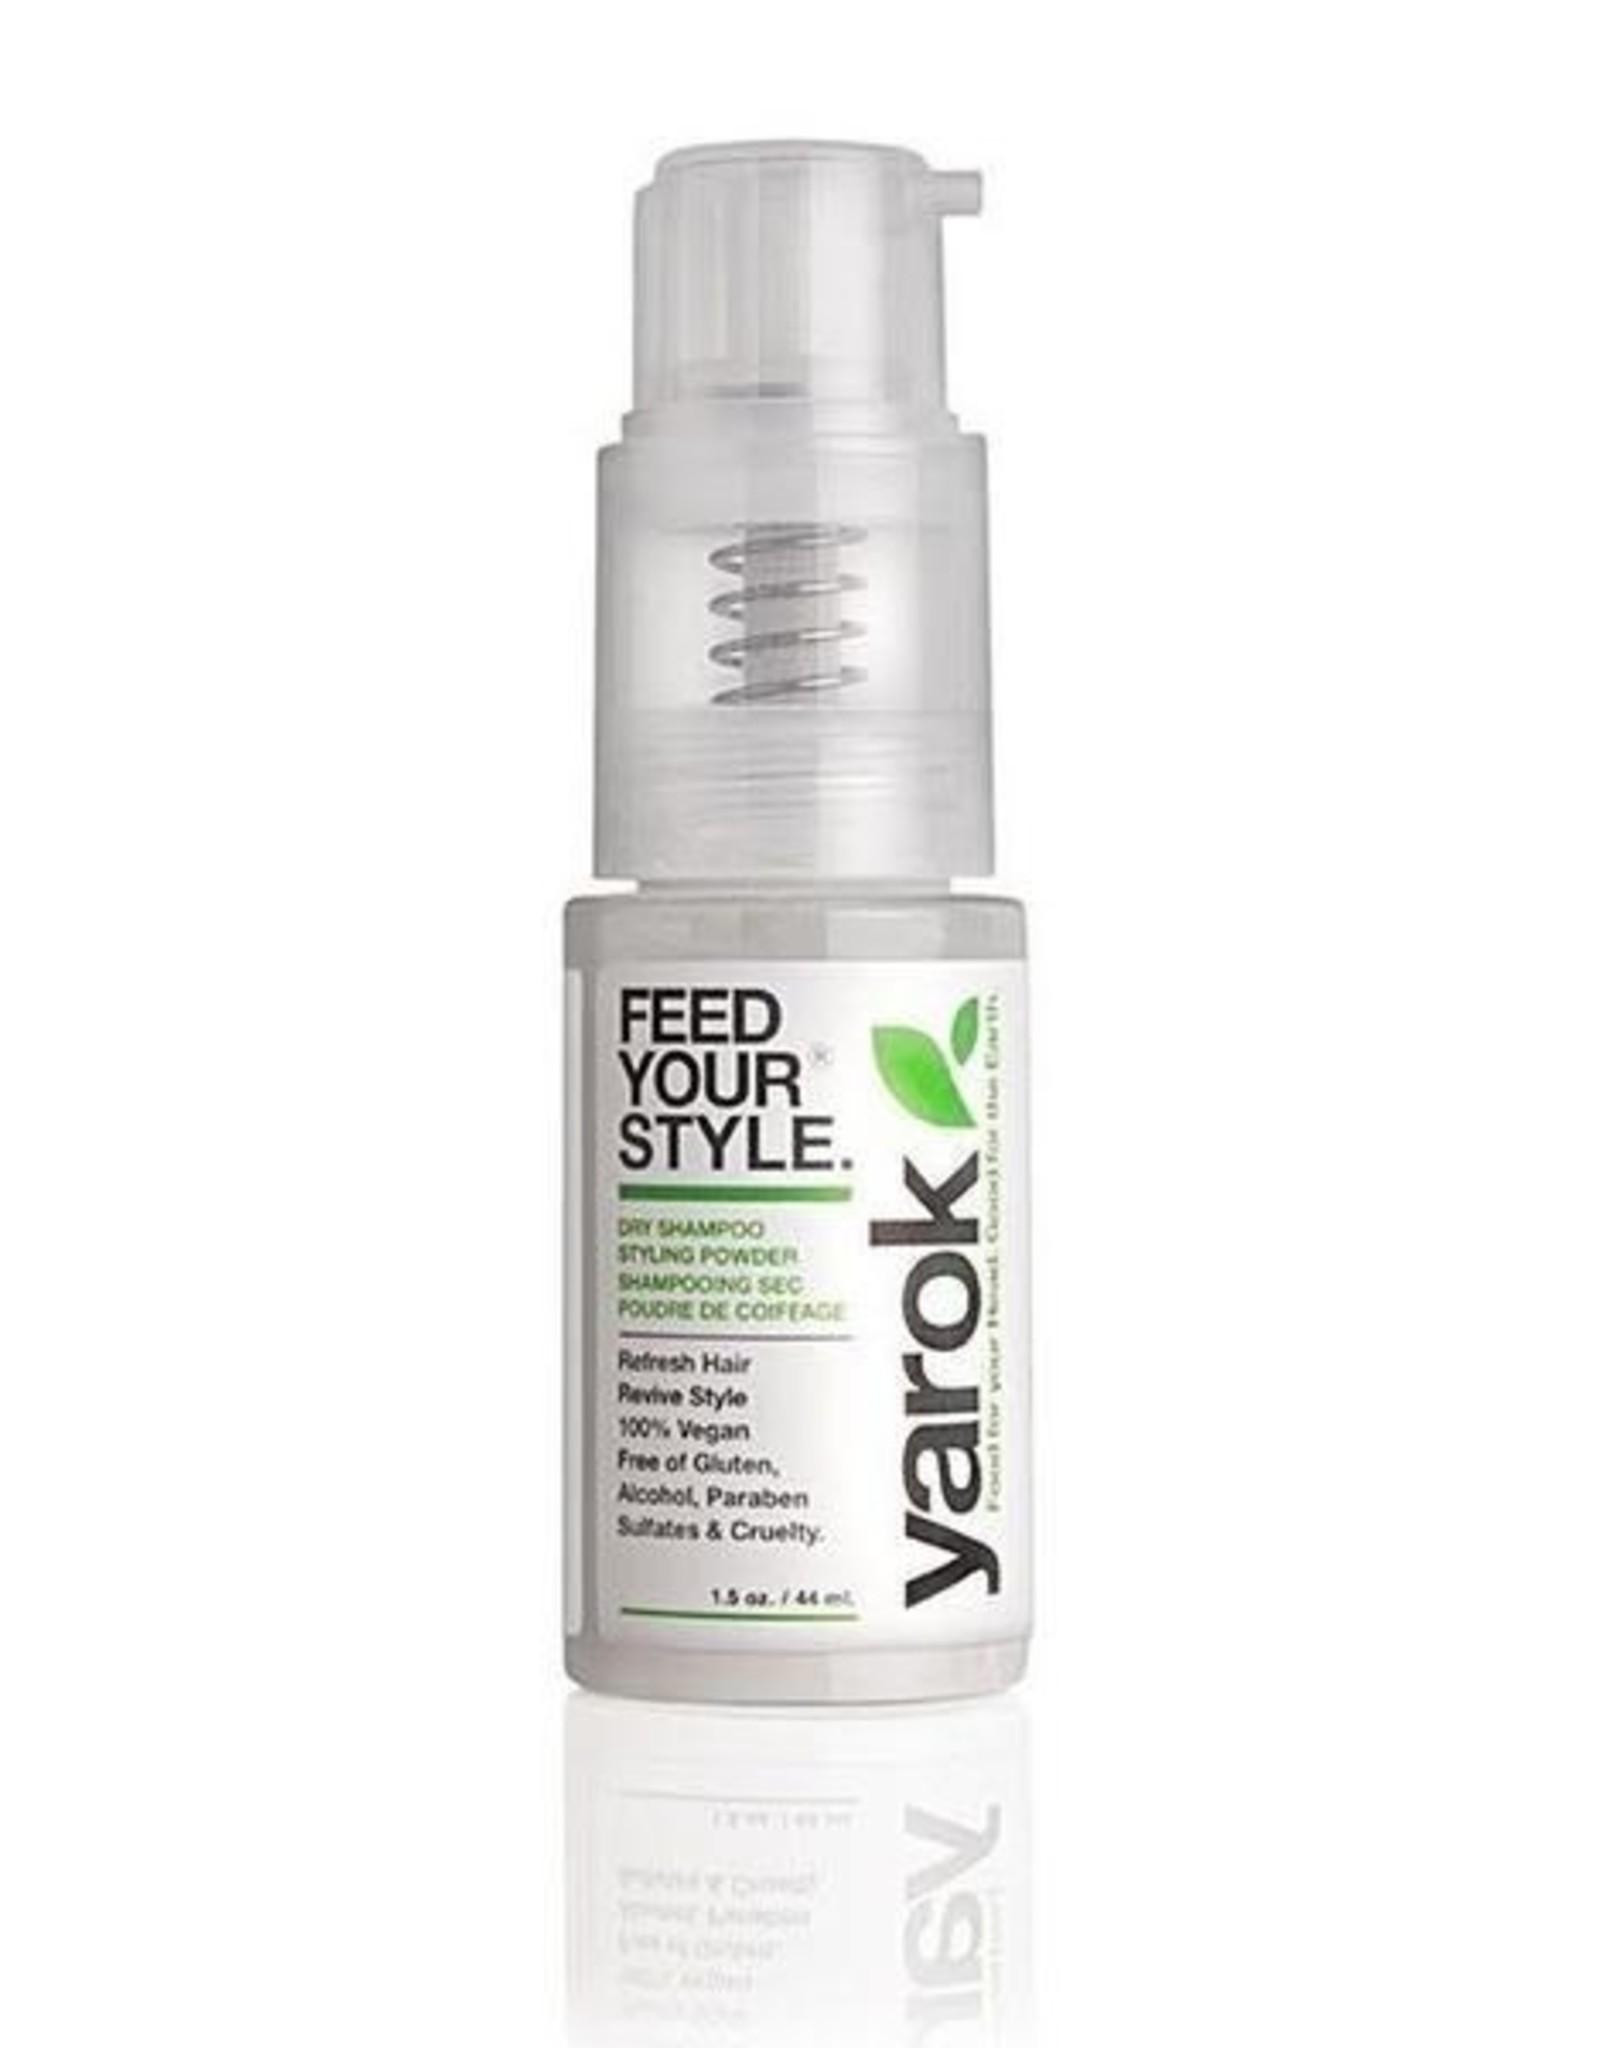 Yarok Feed Your Style Dry Shampoo Styling Powder